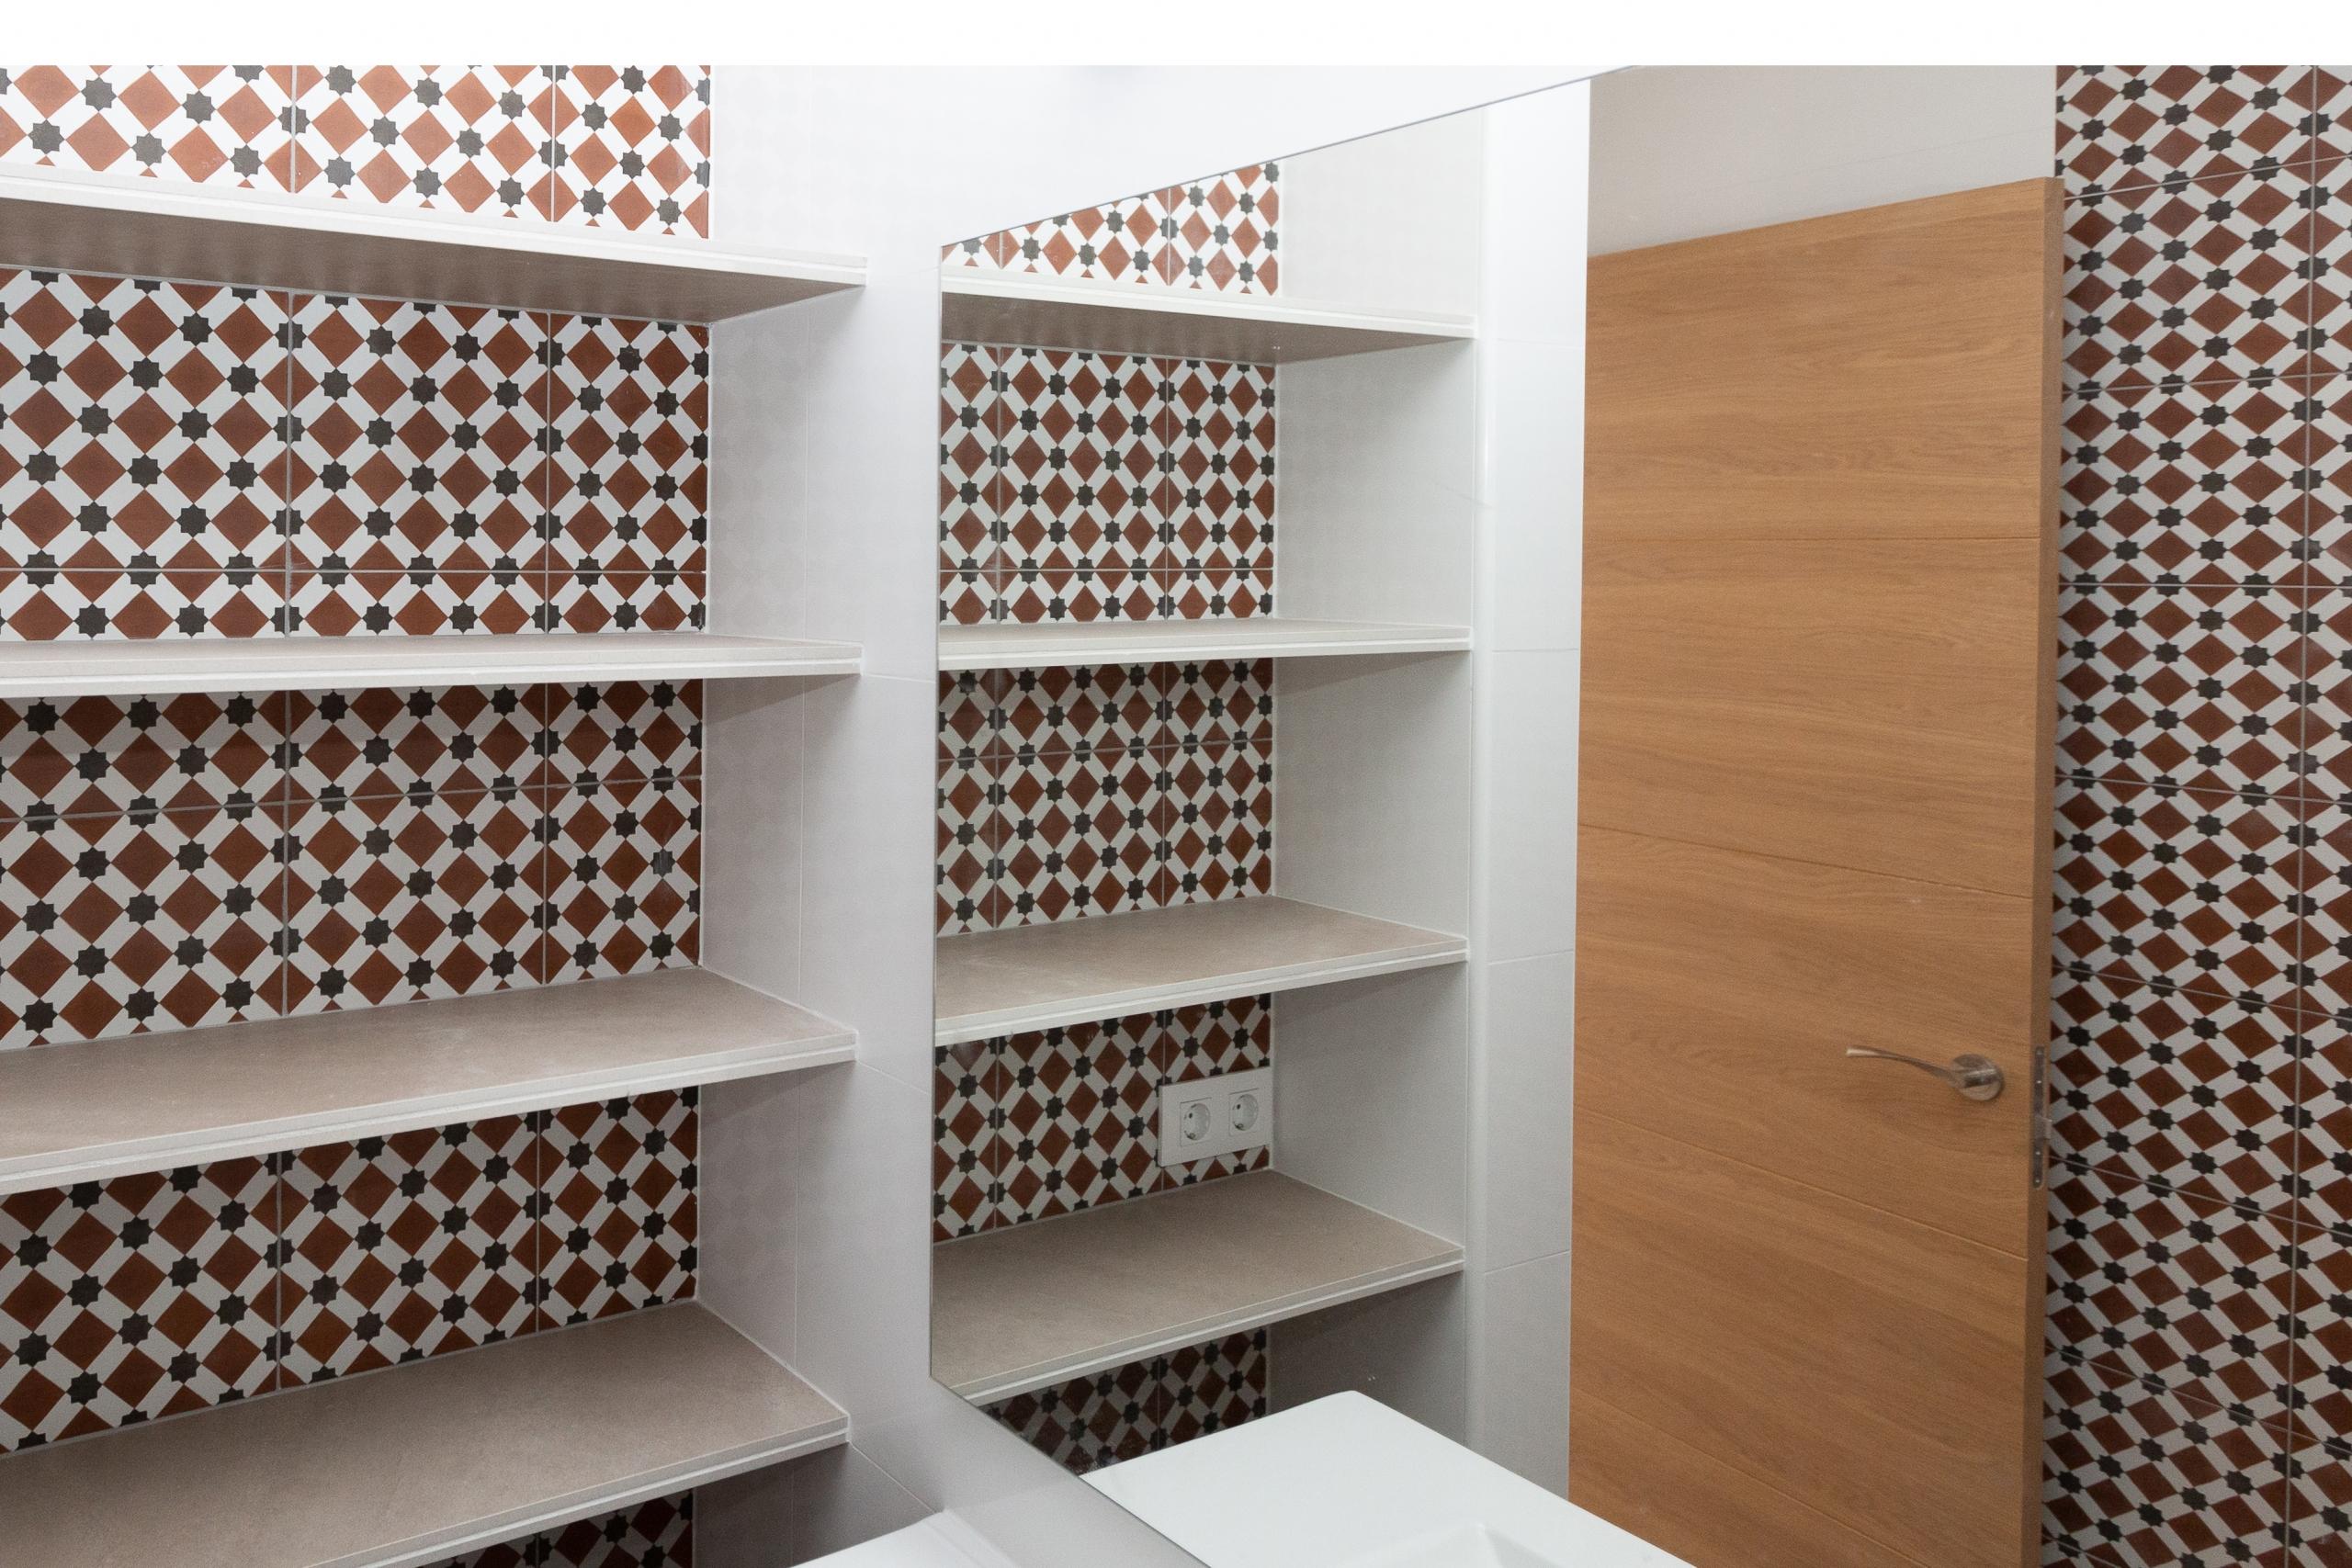 salle de bain étagères niches faïence art mauresque décoration architecture d'intérieur